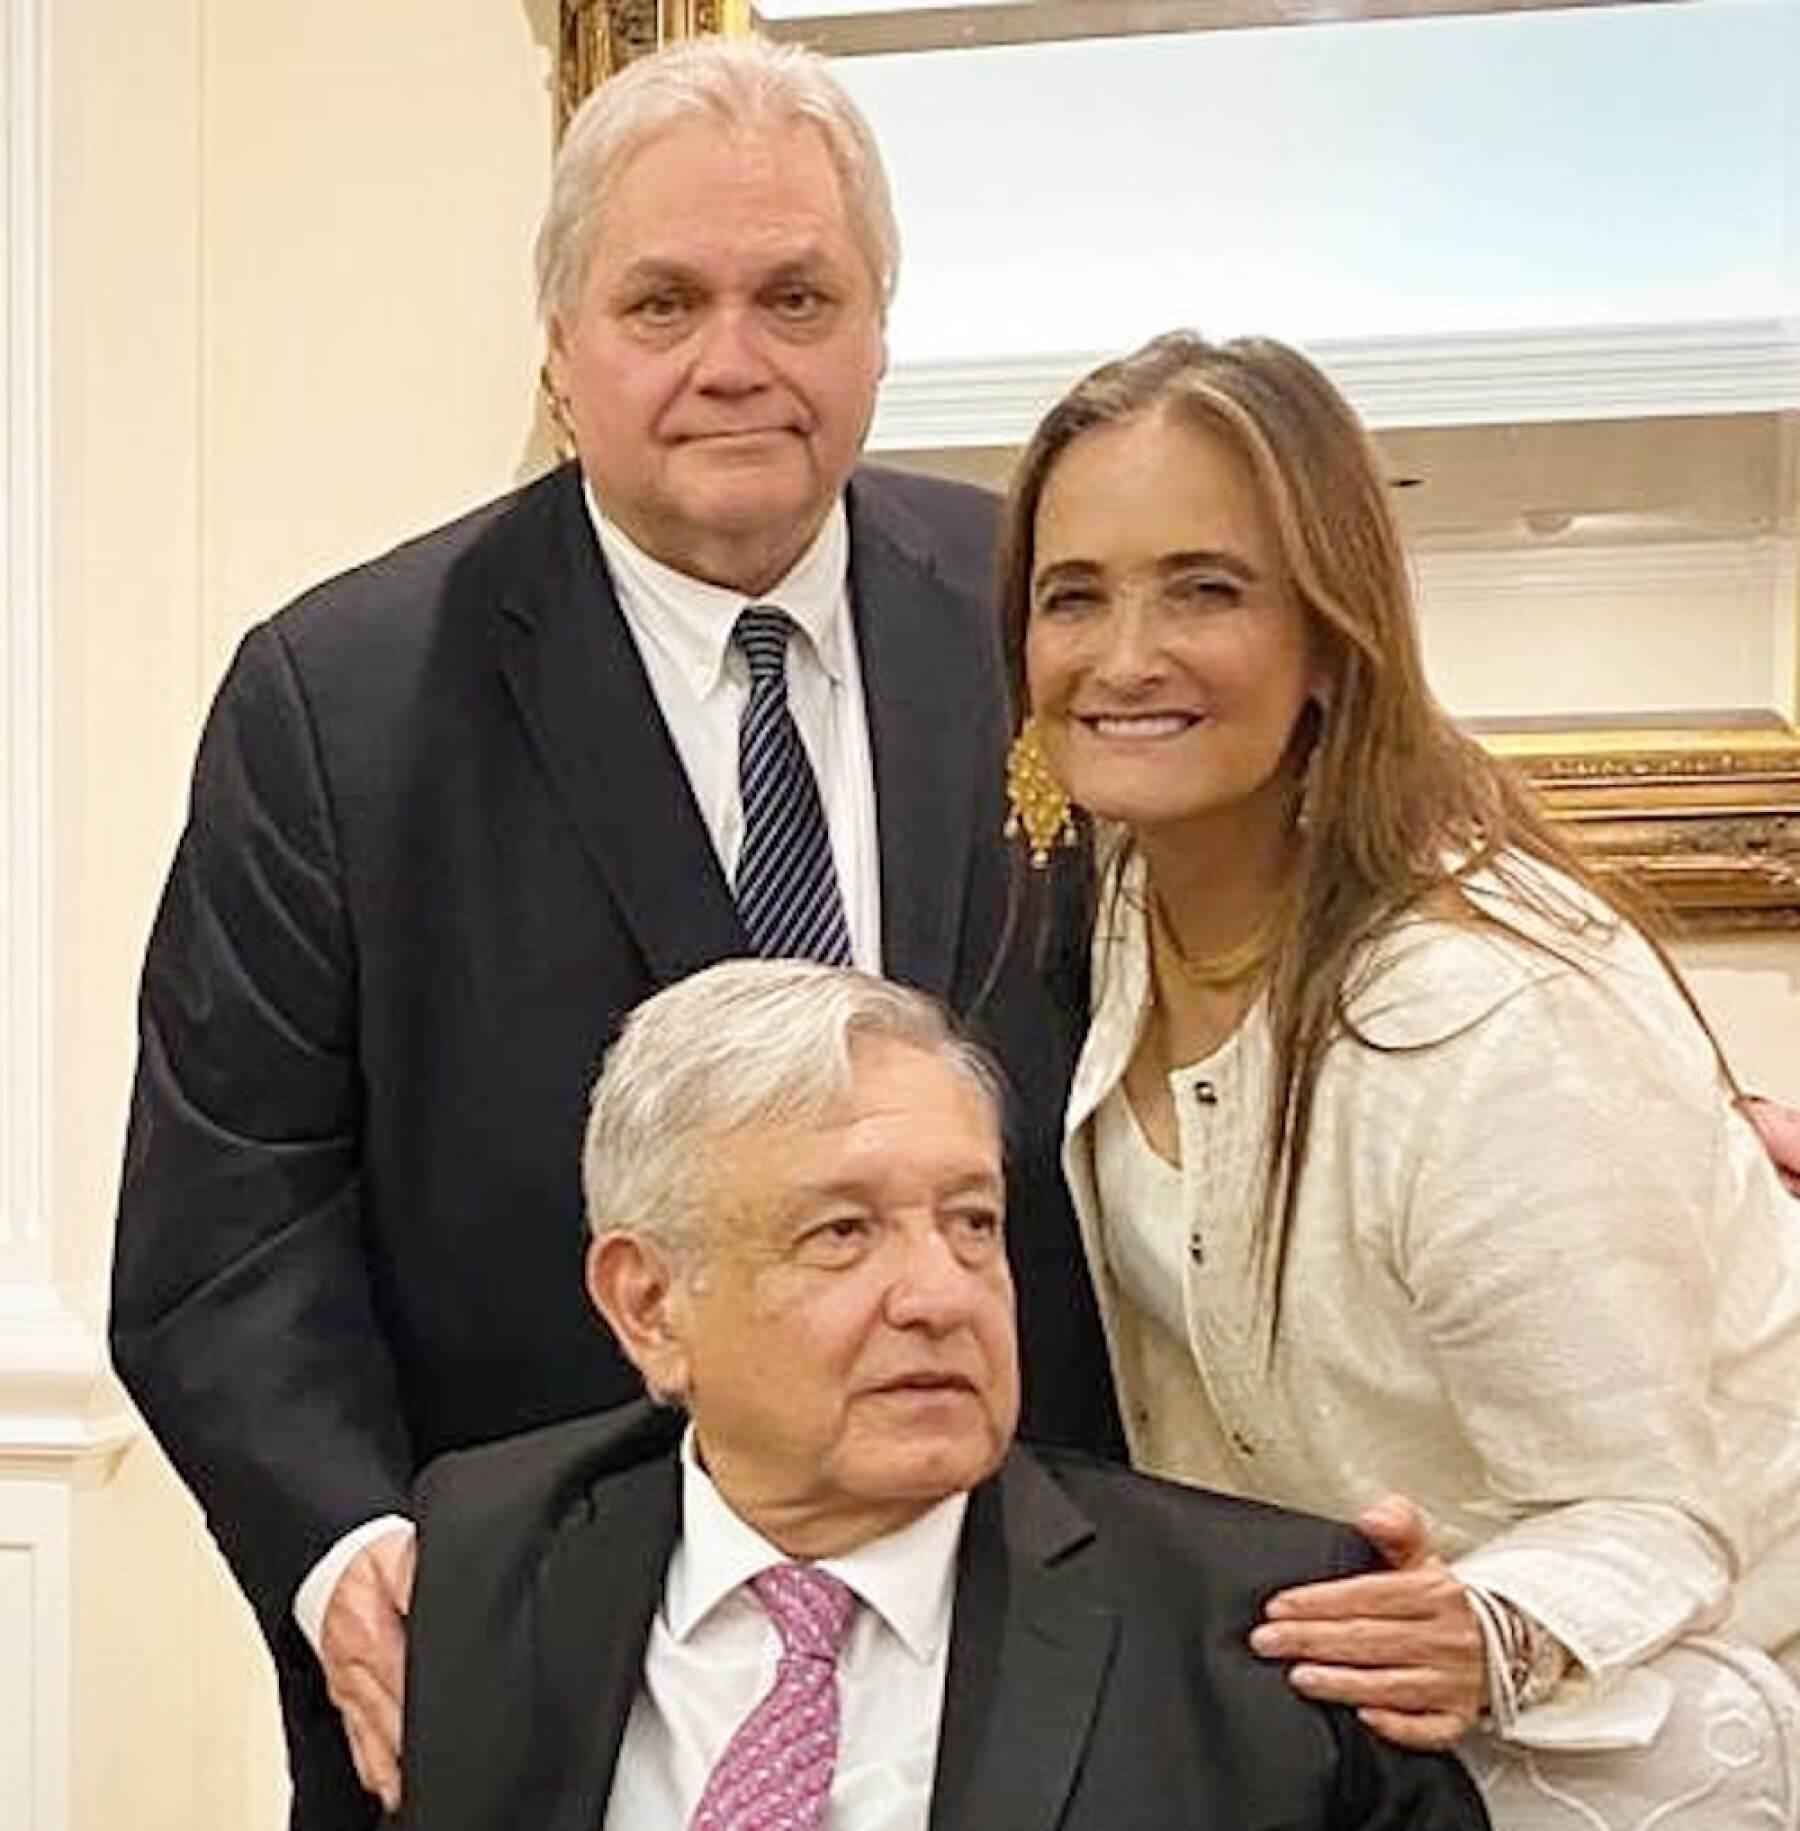 Empresaria Patricia Armendáriz 'reporteó' la cena en la Casa Blanca